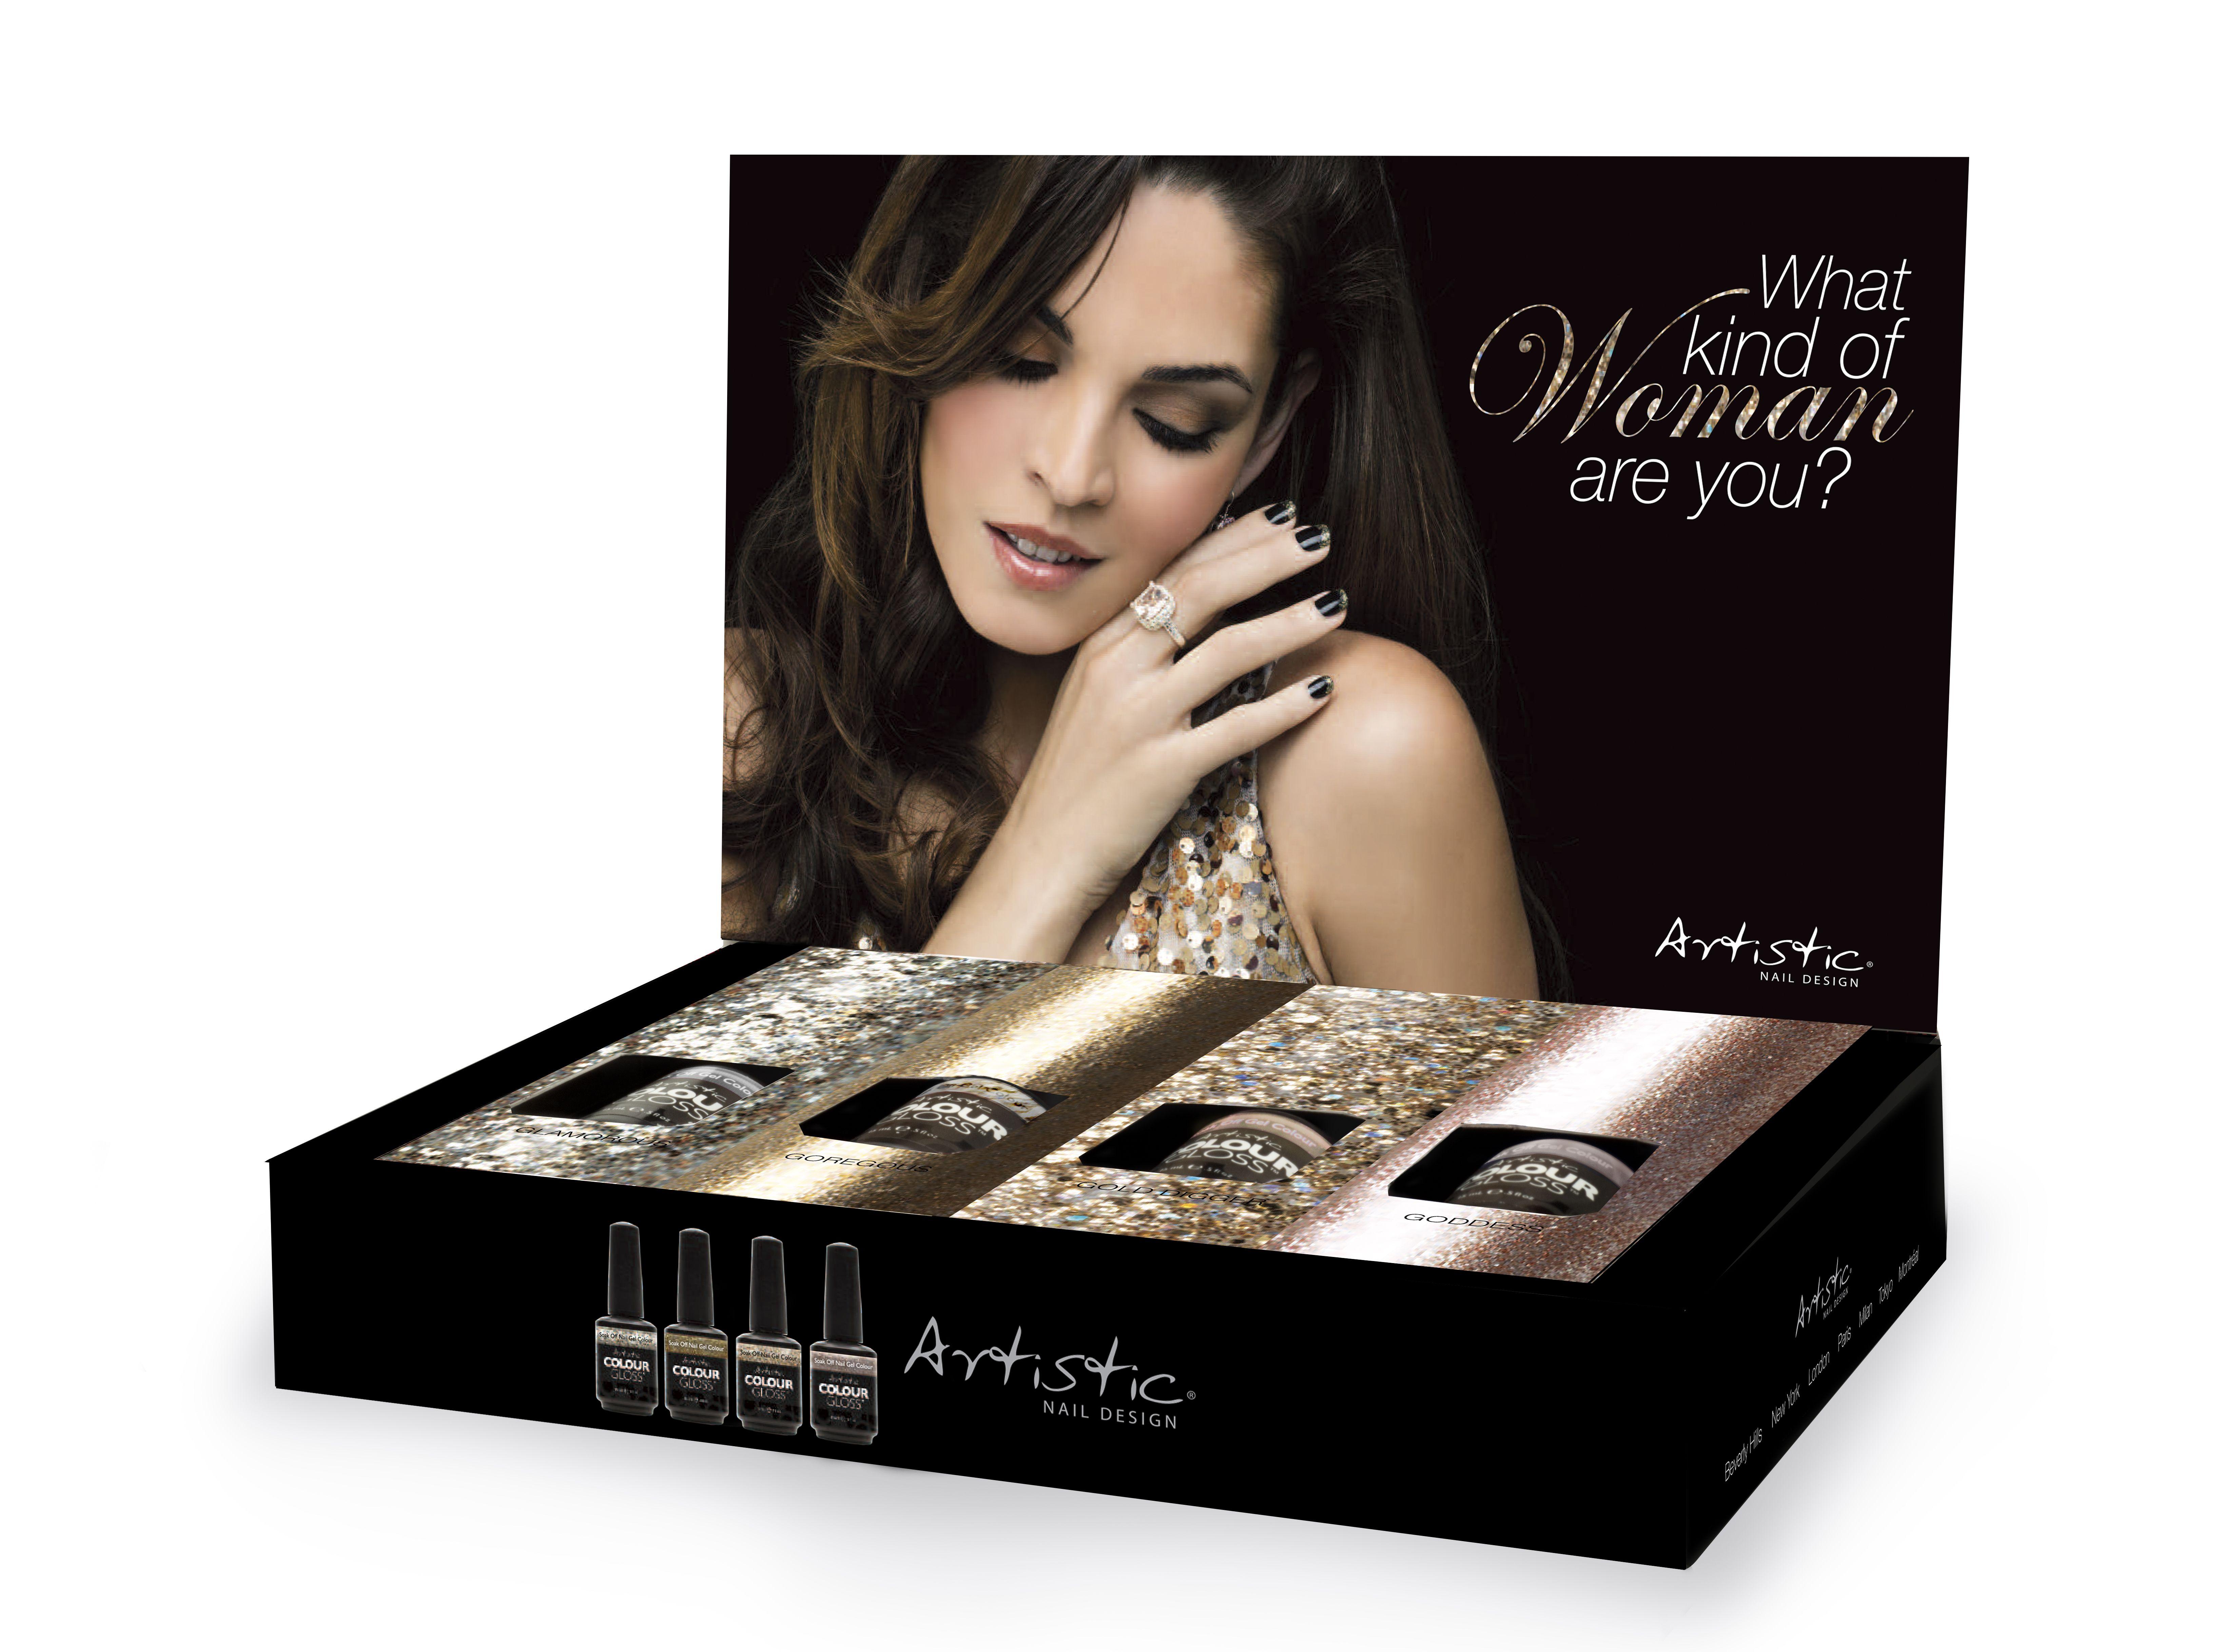 Holiday 2013 Display Artistic colour gloss, Nail designs